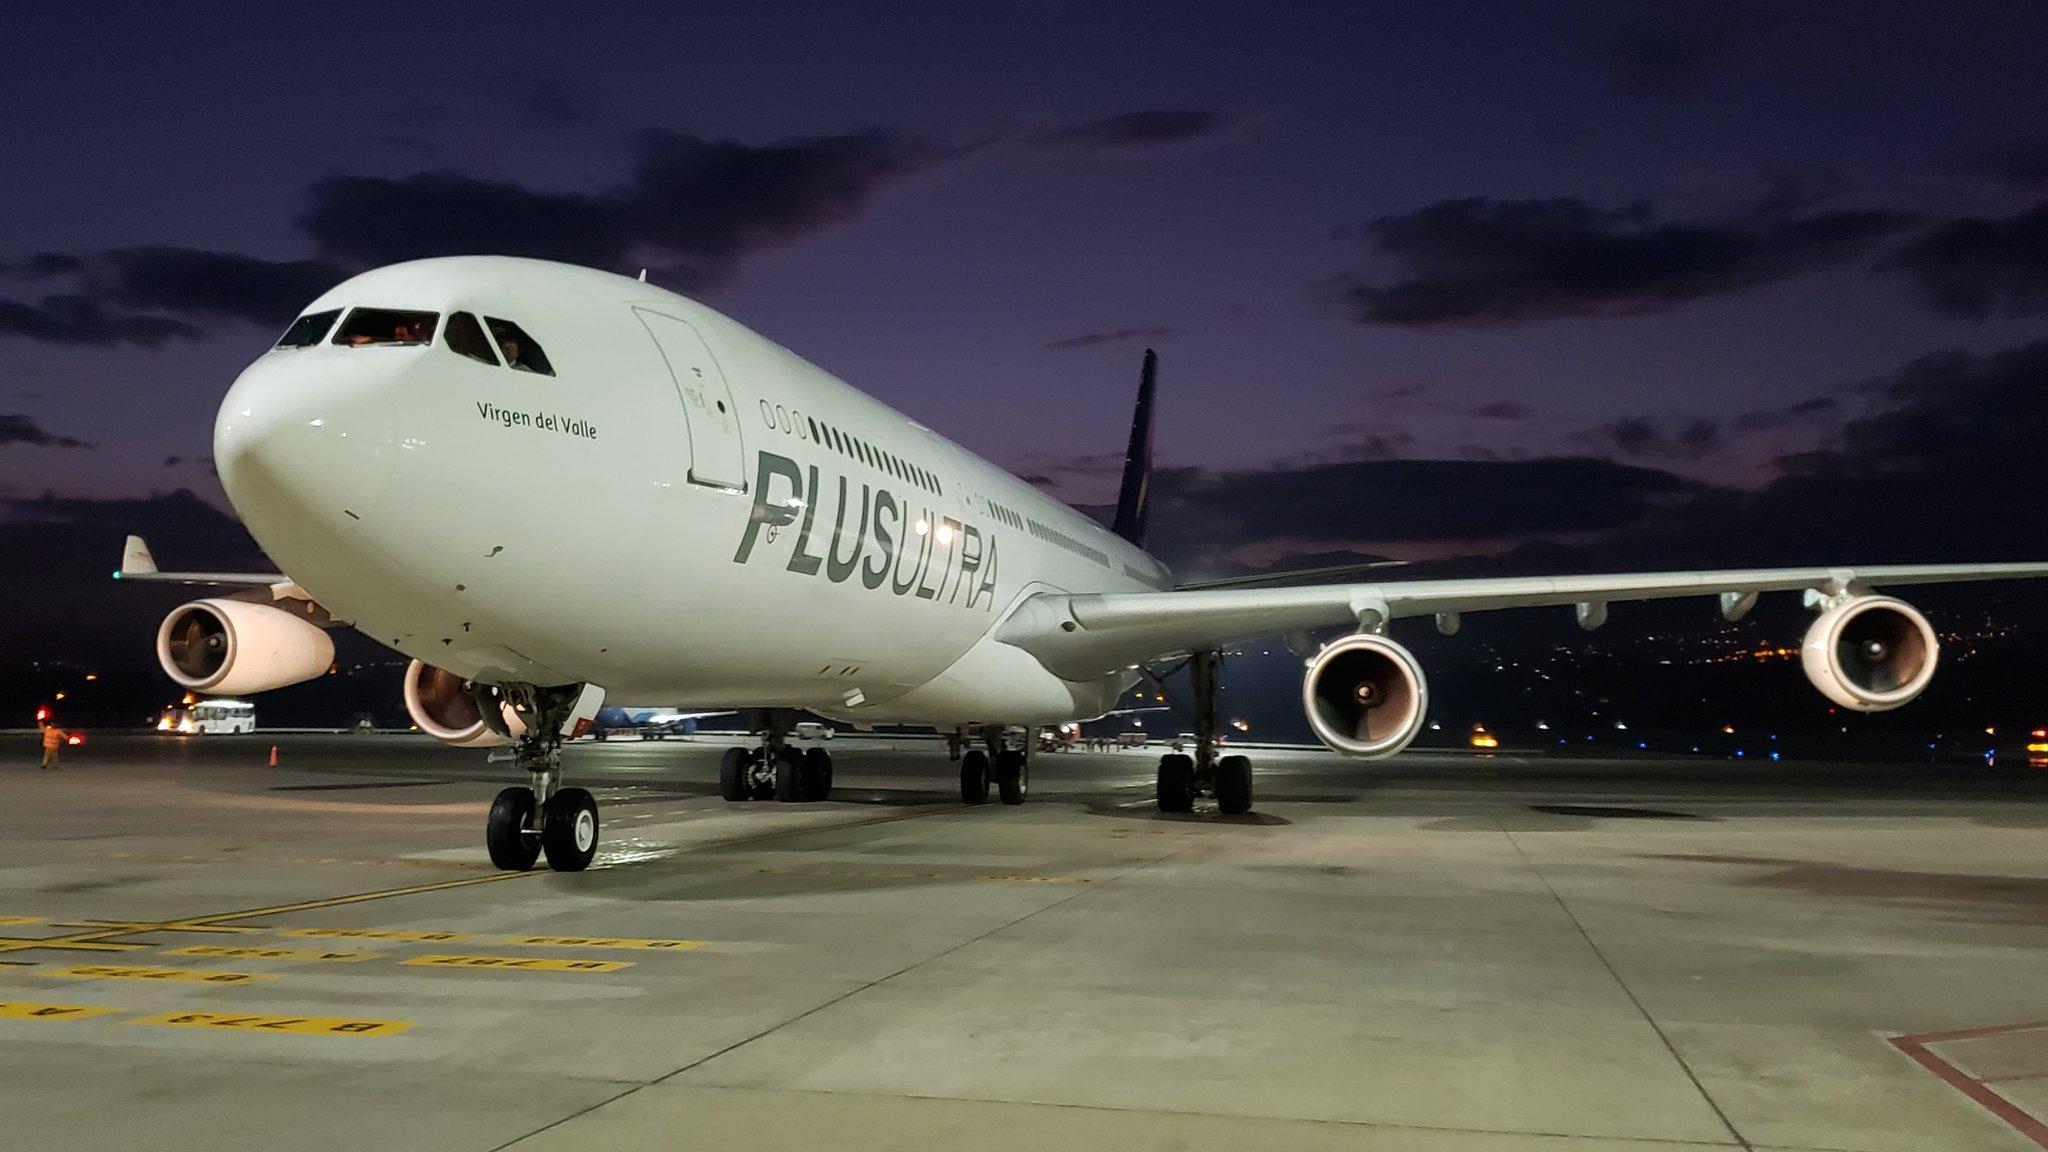 Una nueva aerolínea de bajo costo comienza a operar en Ecuador este viernes